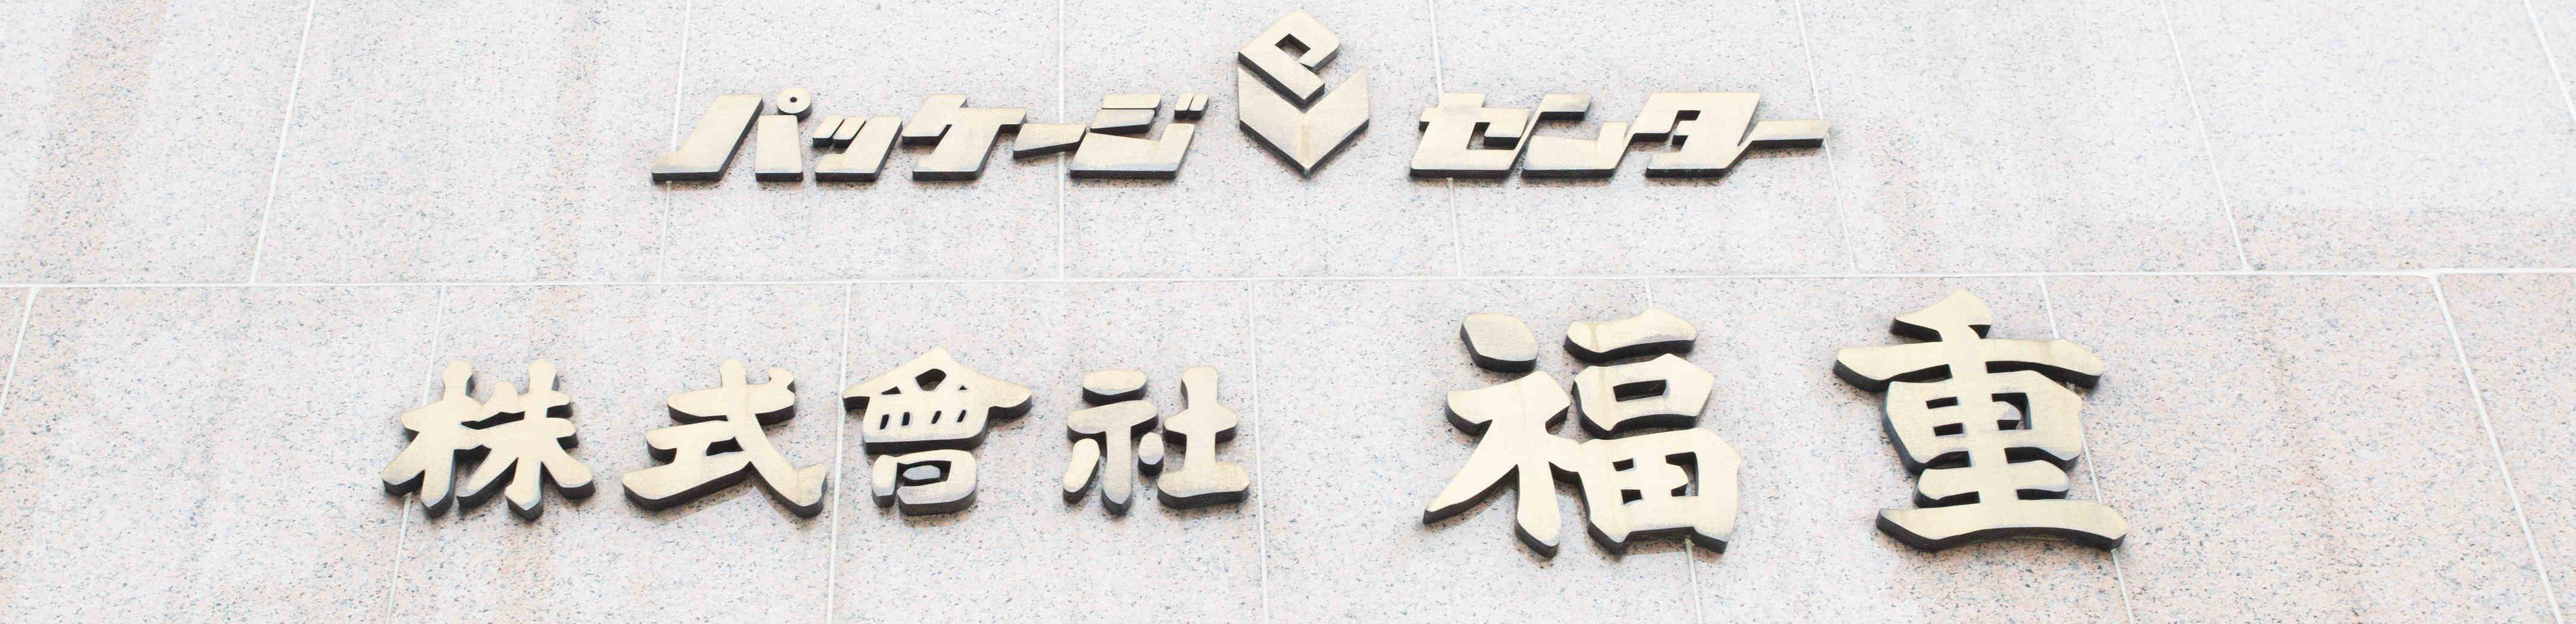 パッケージセンター|株式会社福重